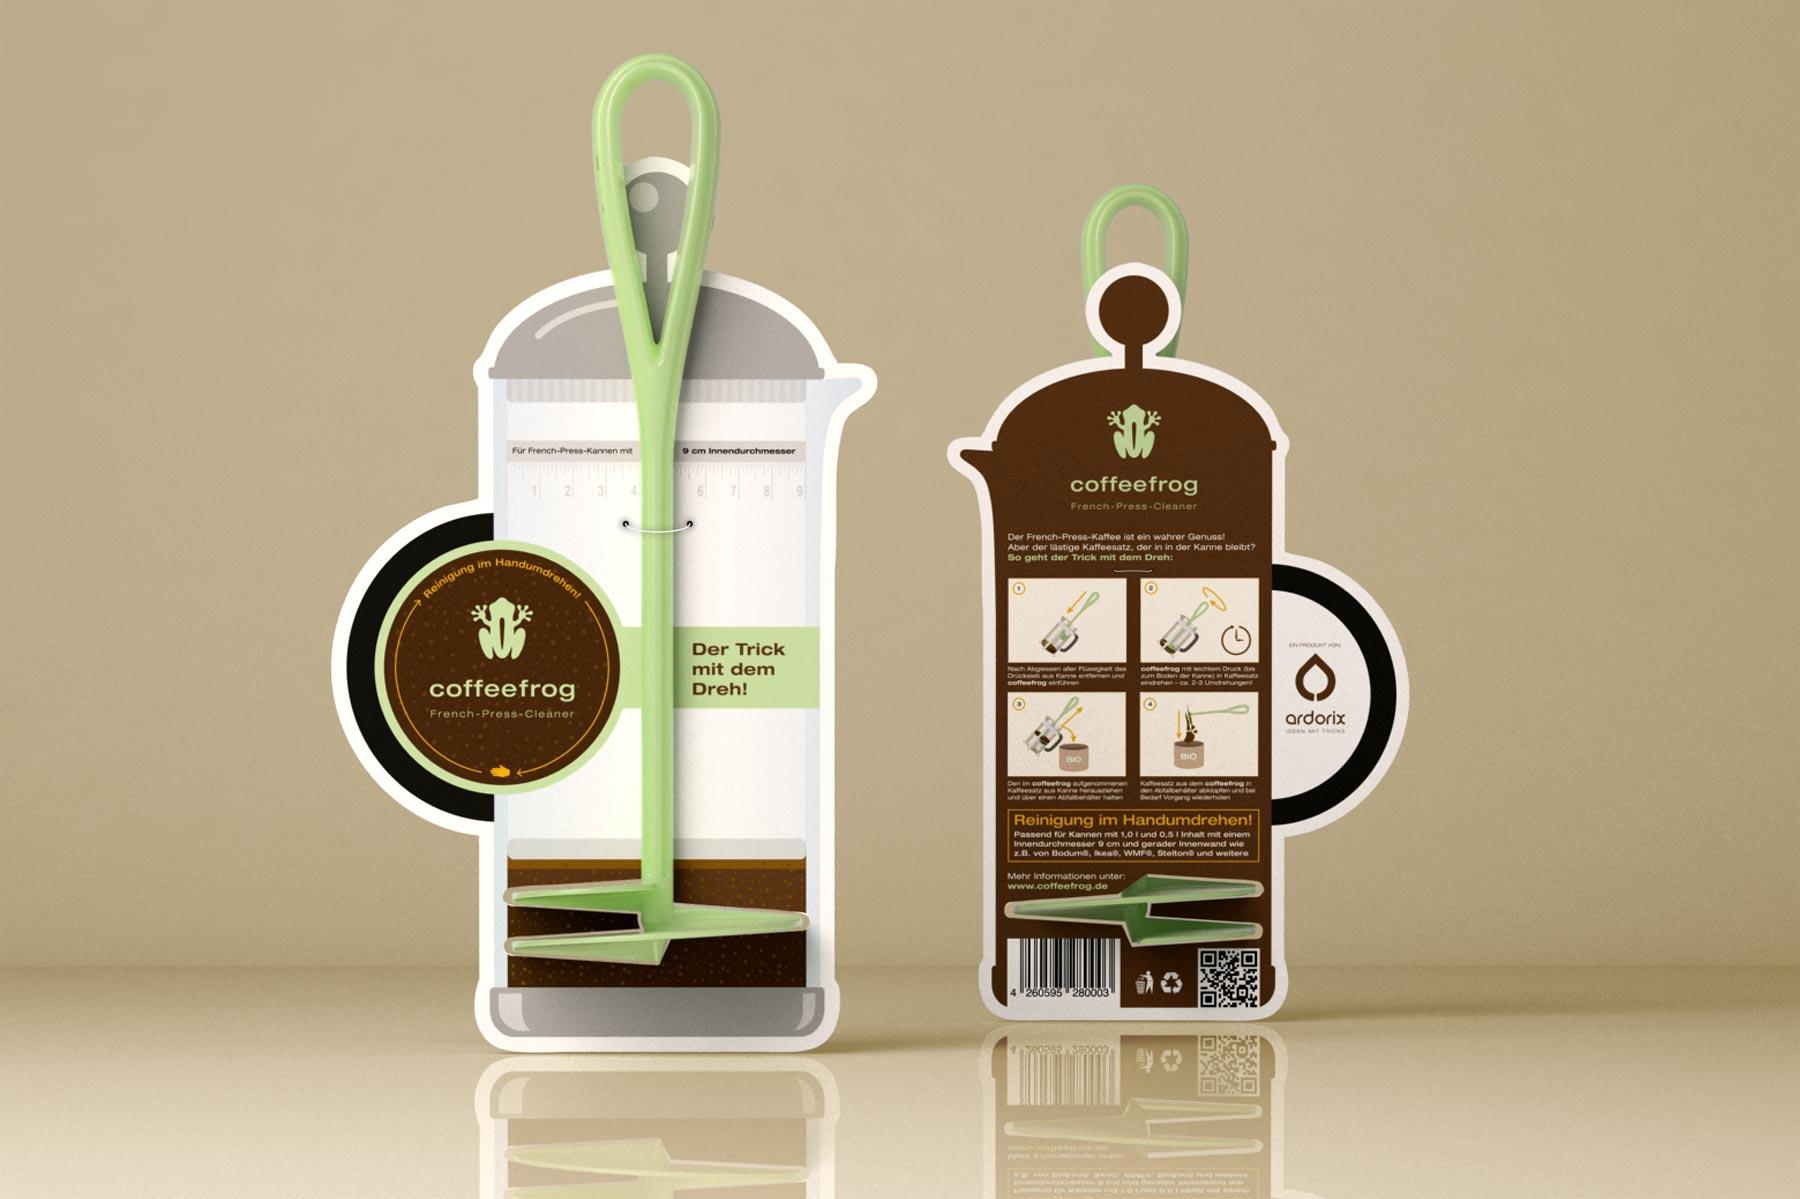 Coffeefrog, Produktverpackung, Packaging, Verpackungsdesign, mit Produkt